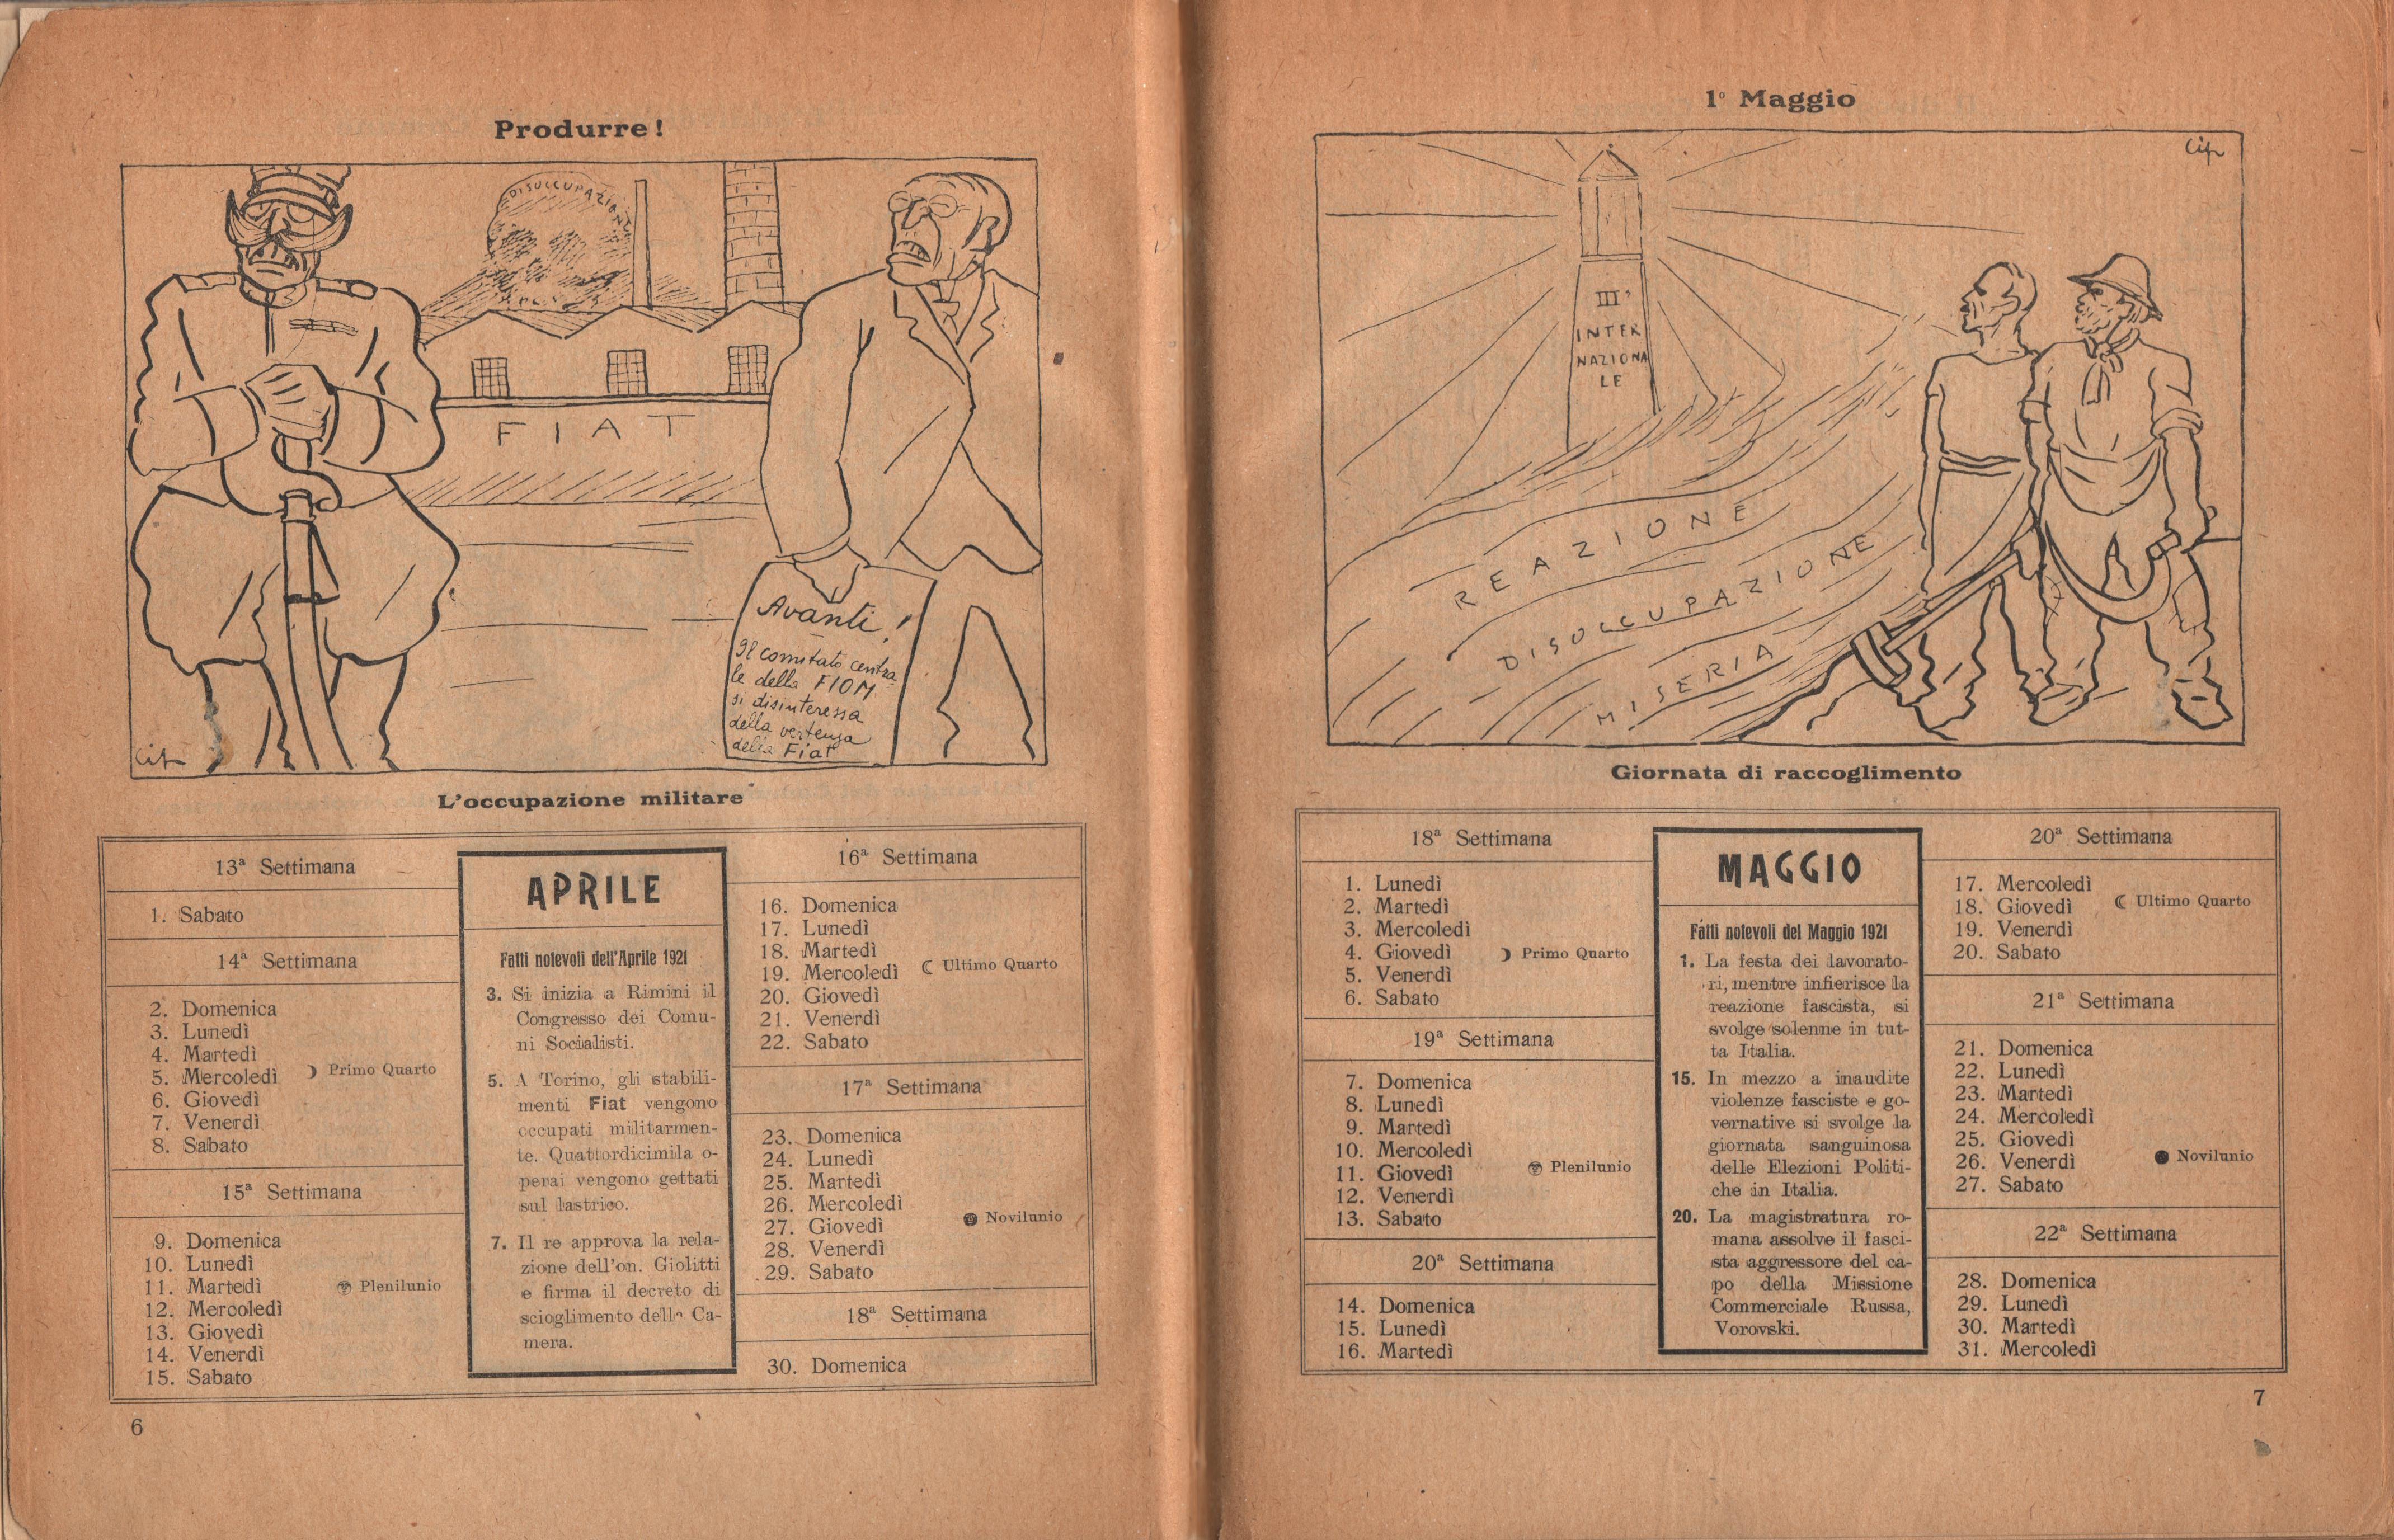 Almanacco comunista 1922 - pag. 5